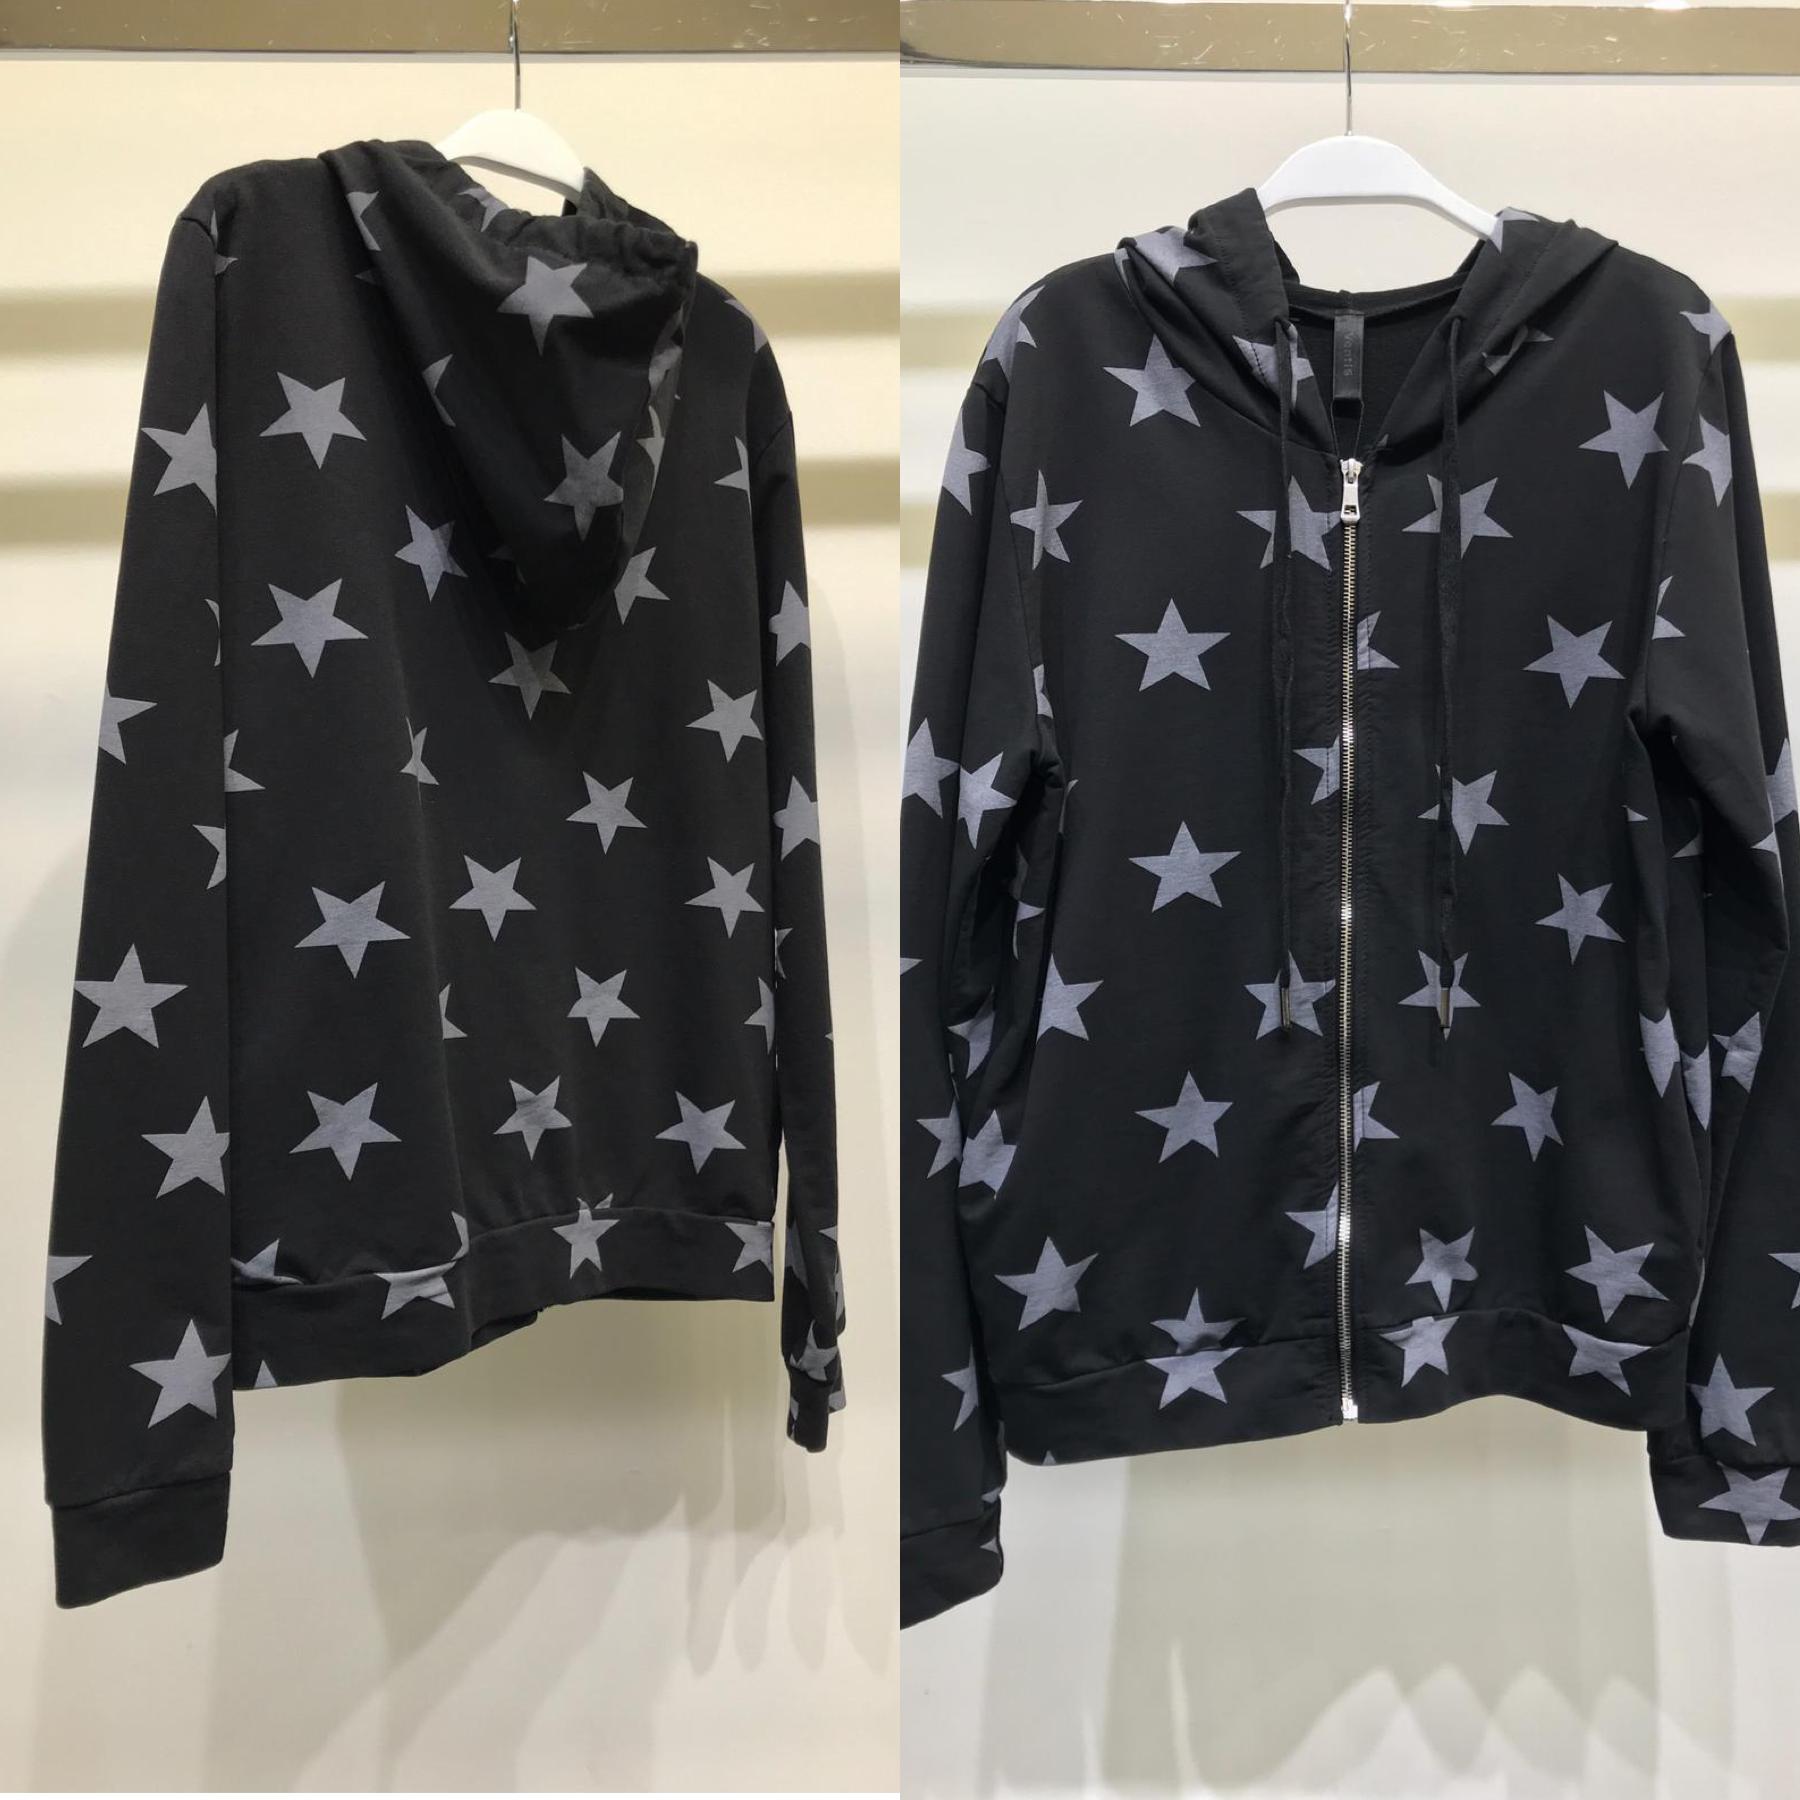 Star Zip Up Jacket